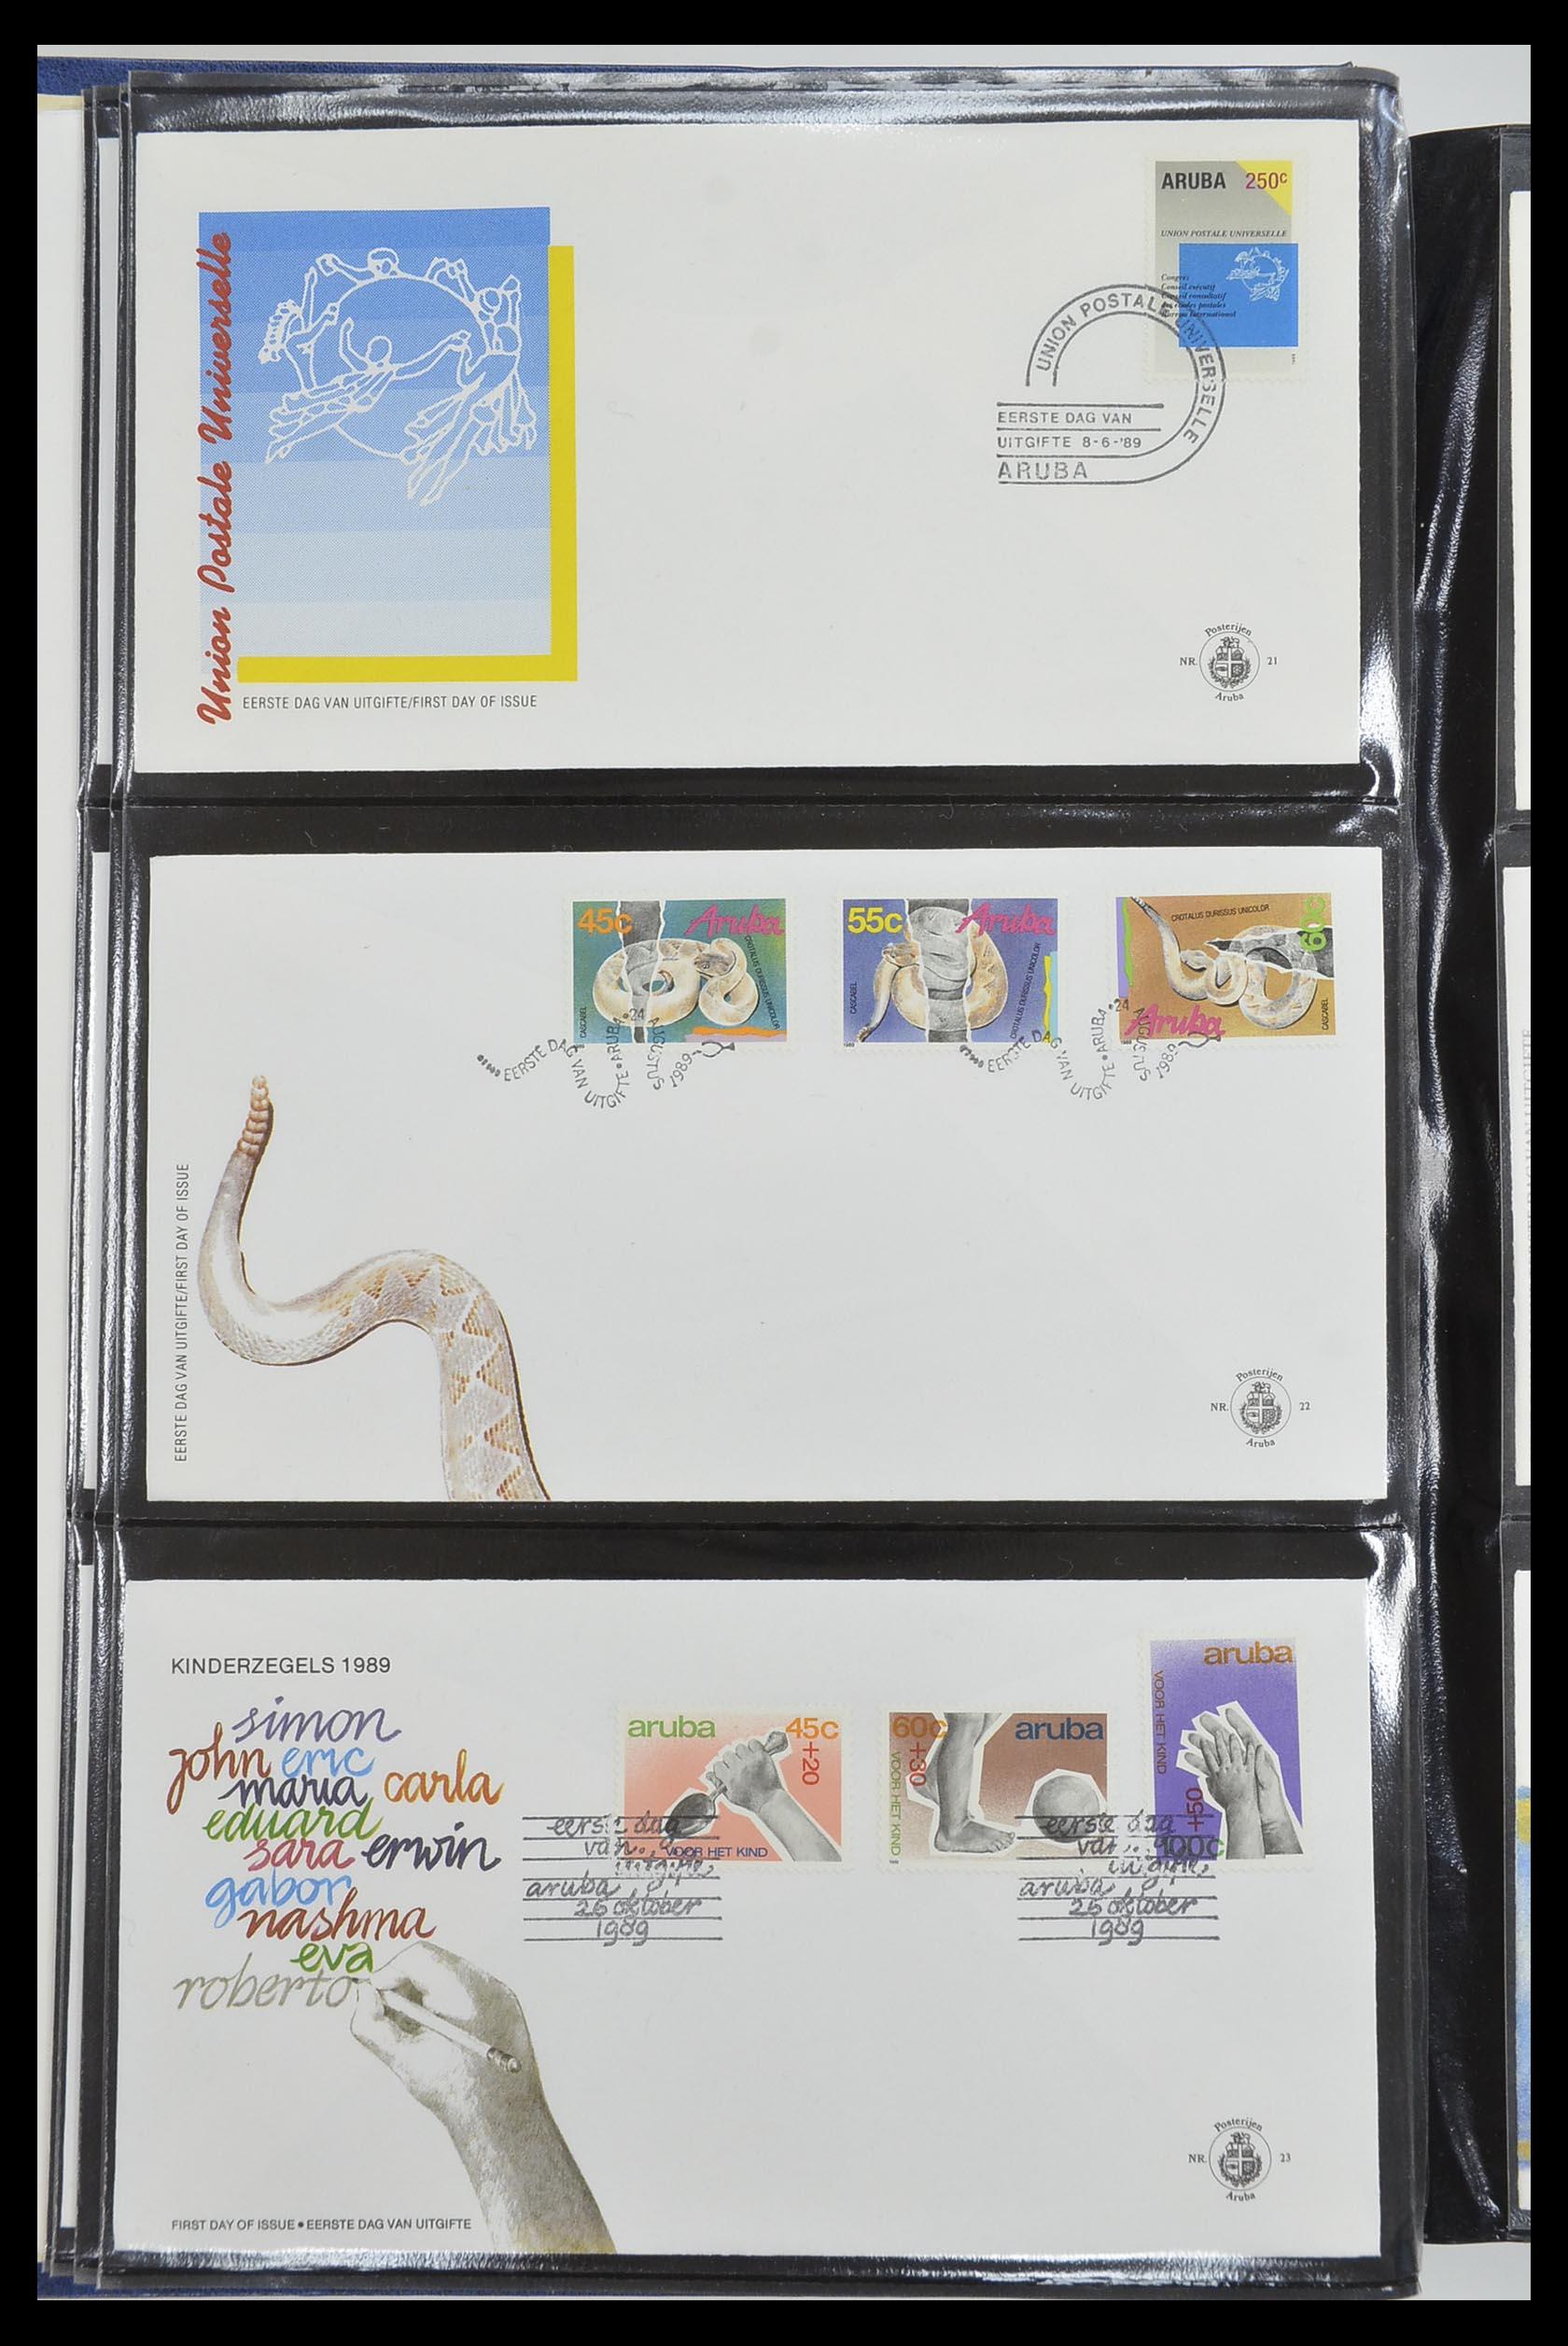 33585 008 - Postzegelverzameling 33585 Aruba FDC's 1986-2006.